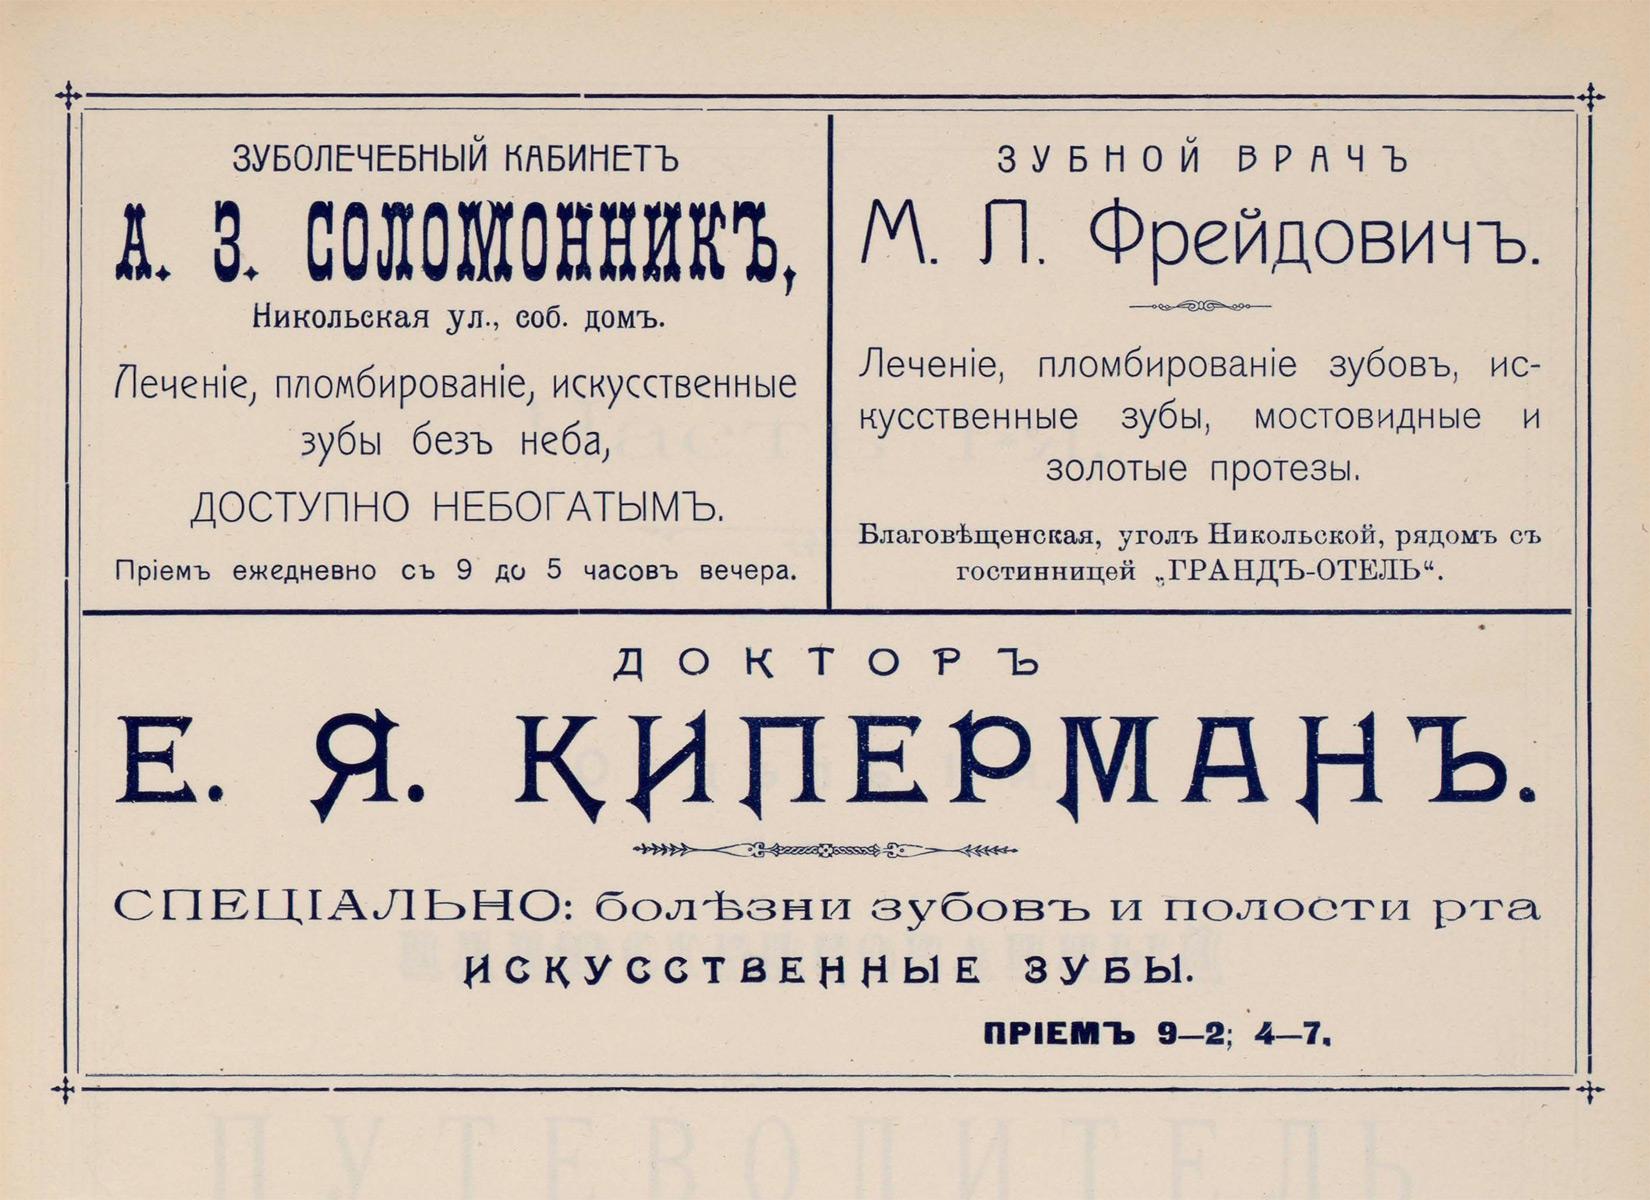 Торгово-промышленная реклама. Смоленск. 1910 год